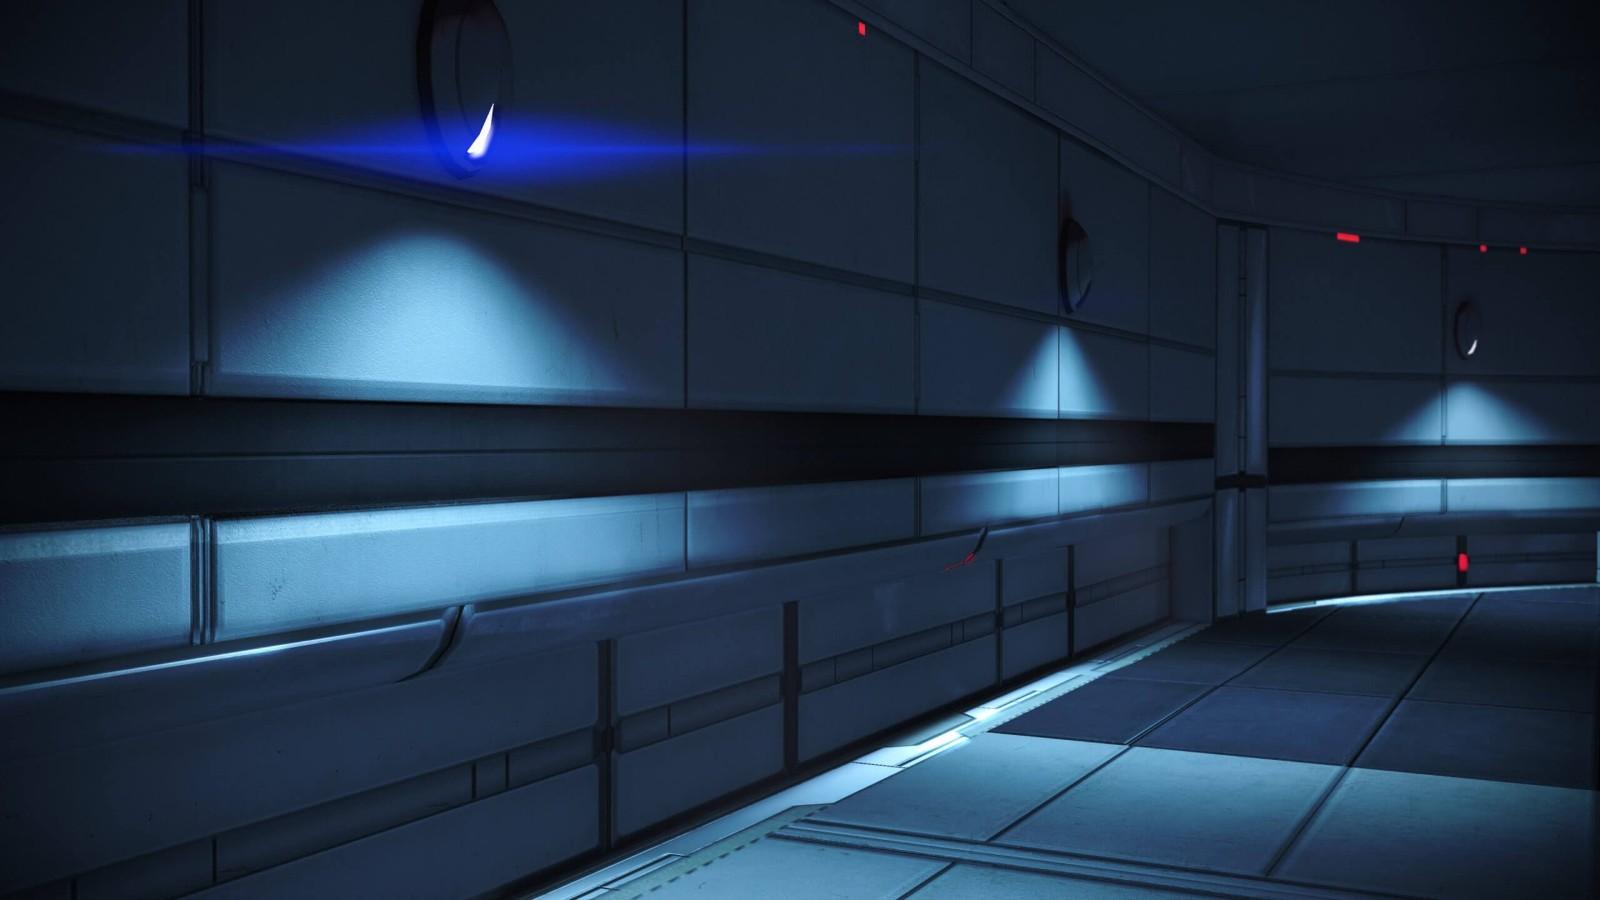 《质量效应:传奇版》最好的画质MOD发布 截图对比  第7张